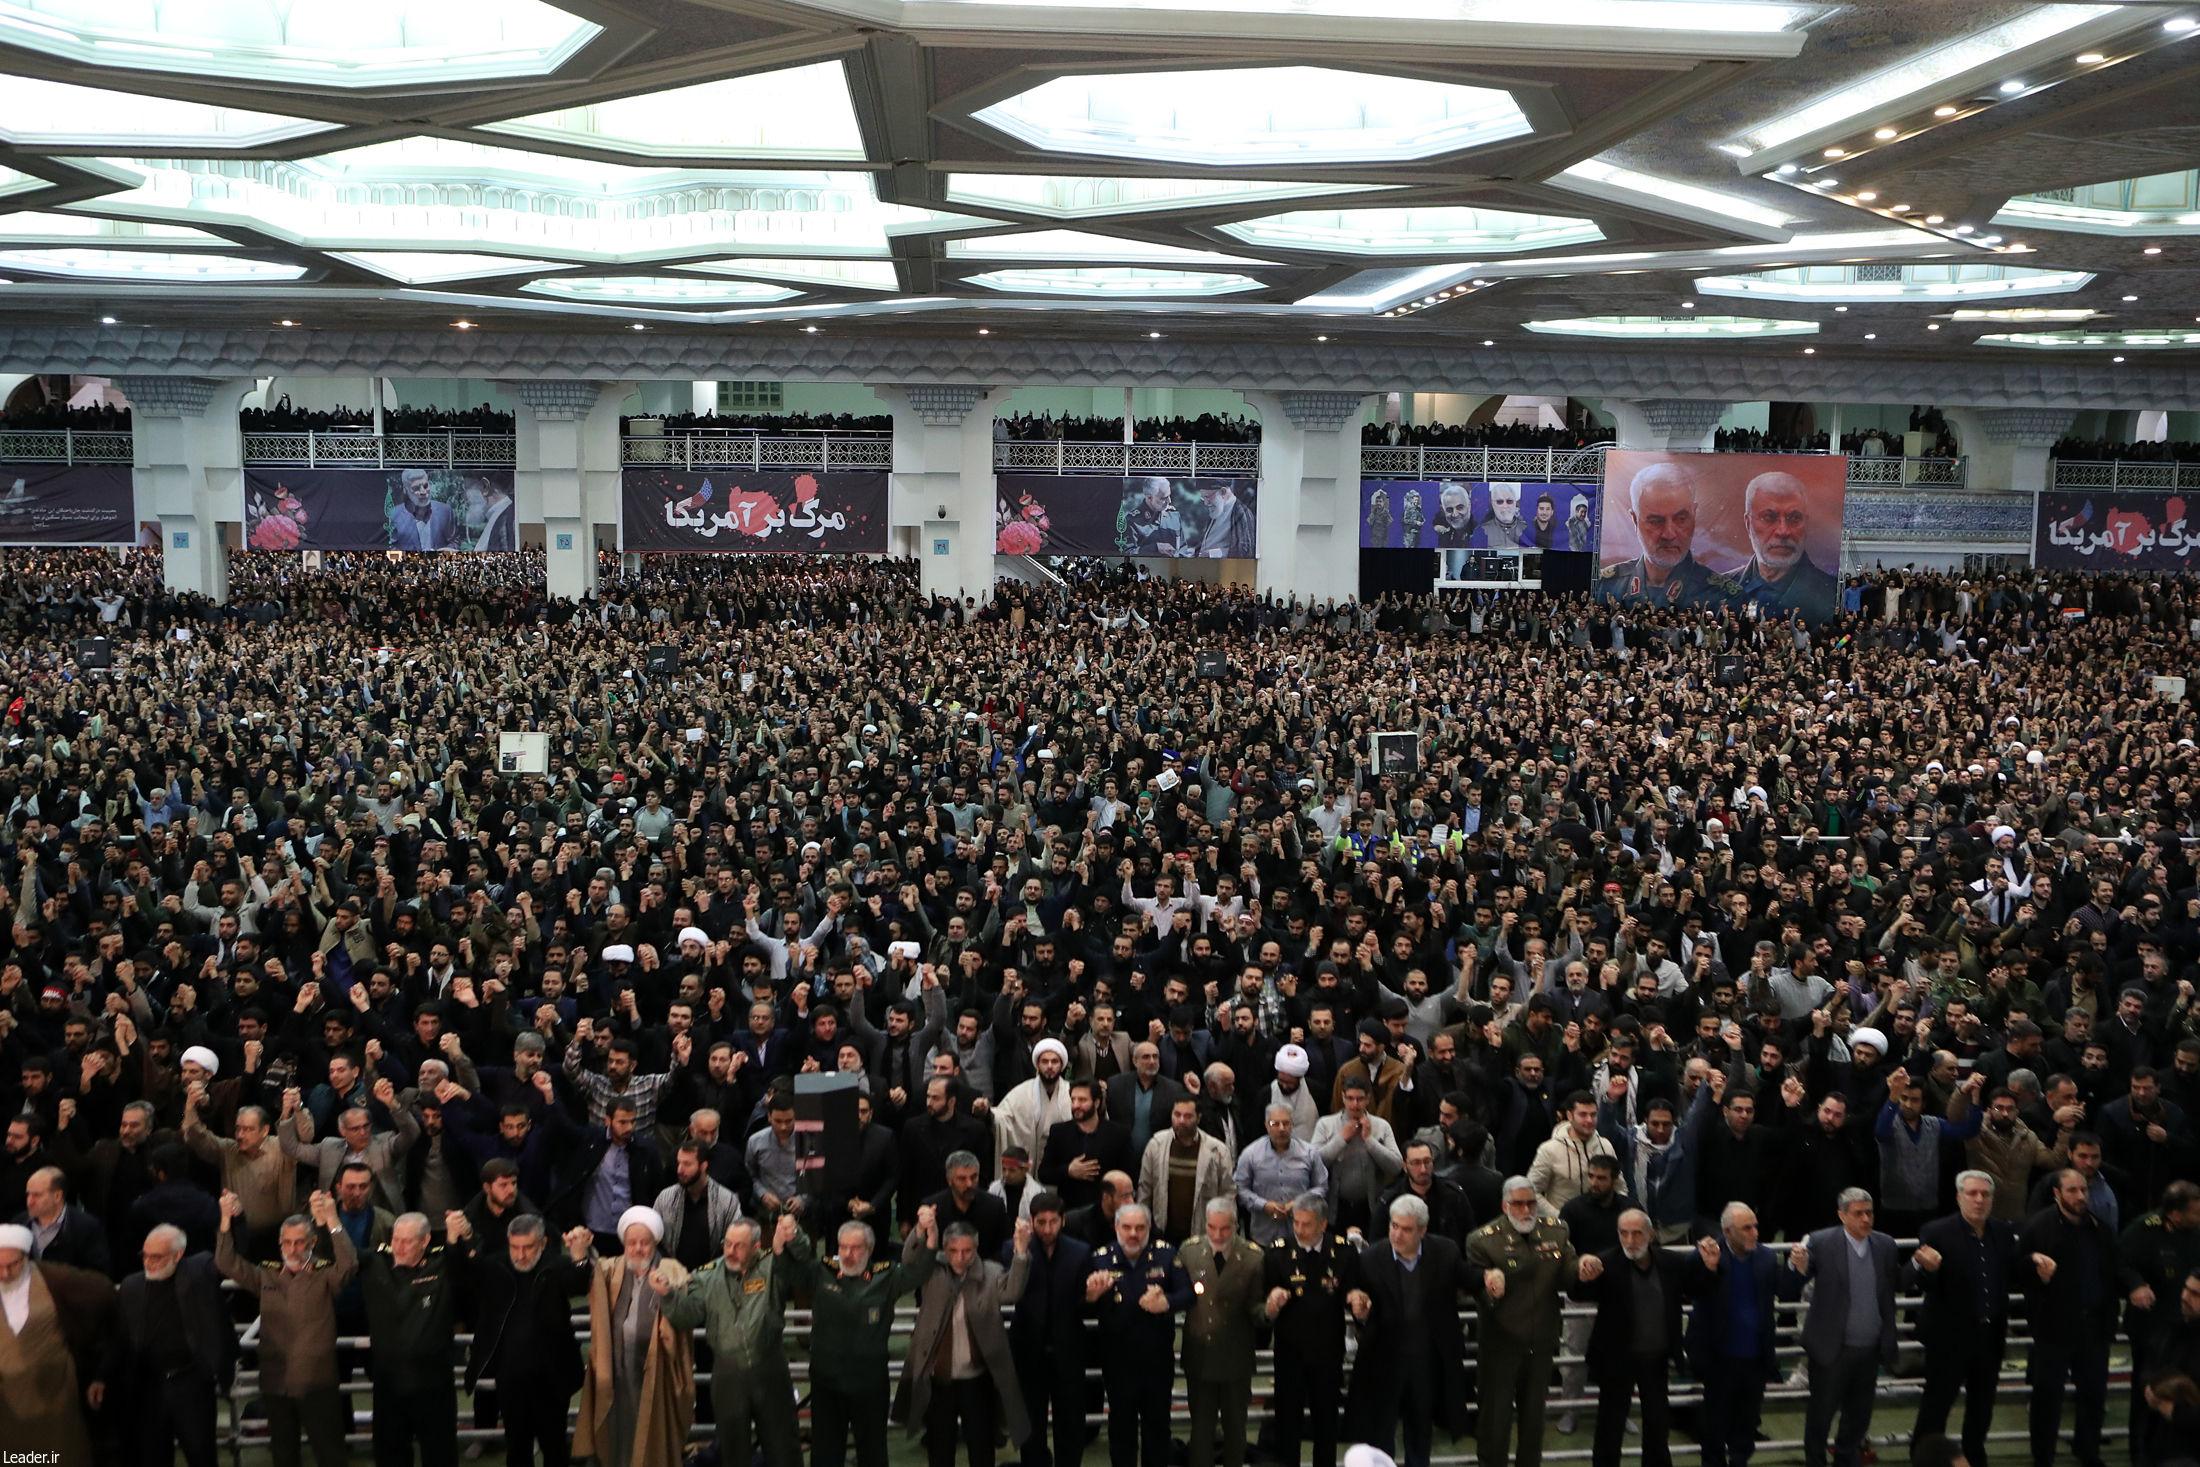 İranda cümə namazları qadağan edildi